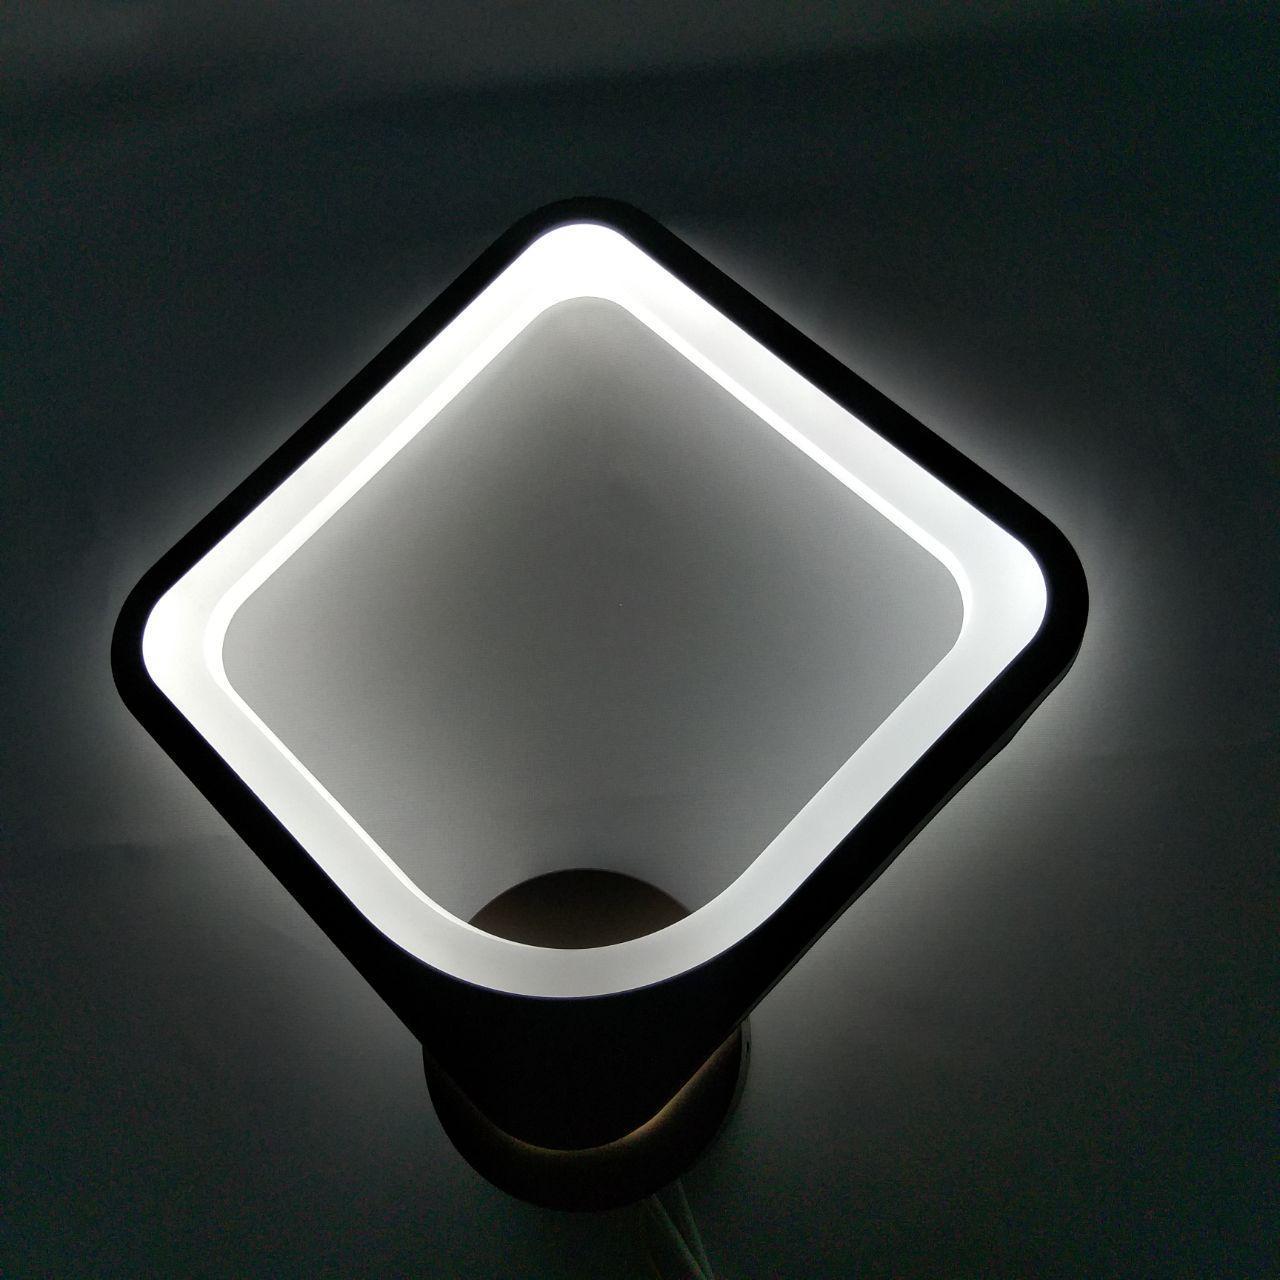 Бра ромб кофейное  LED 20-MX10005/1B 34W COF